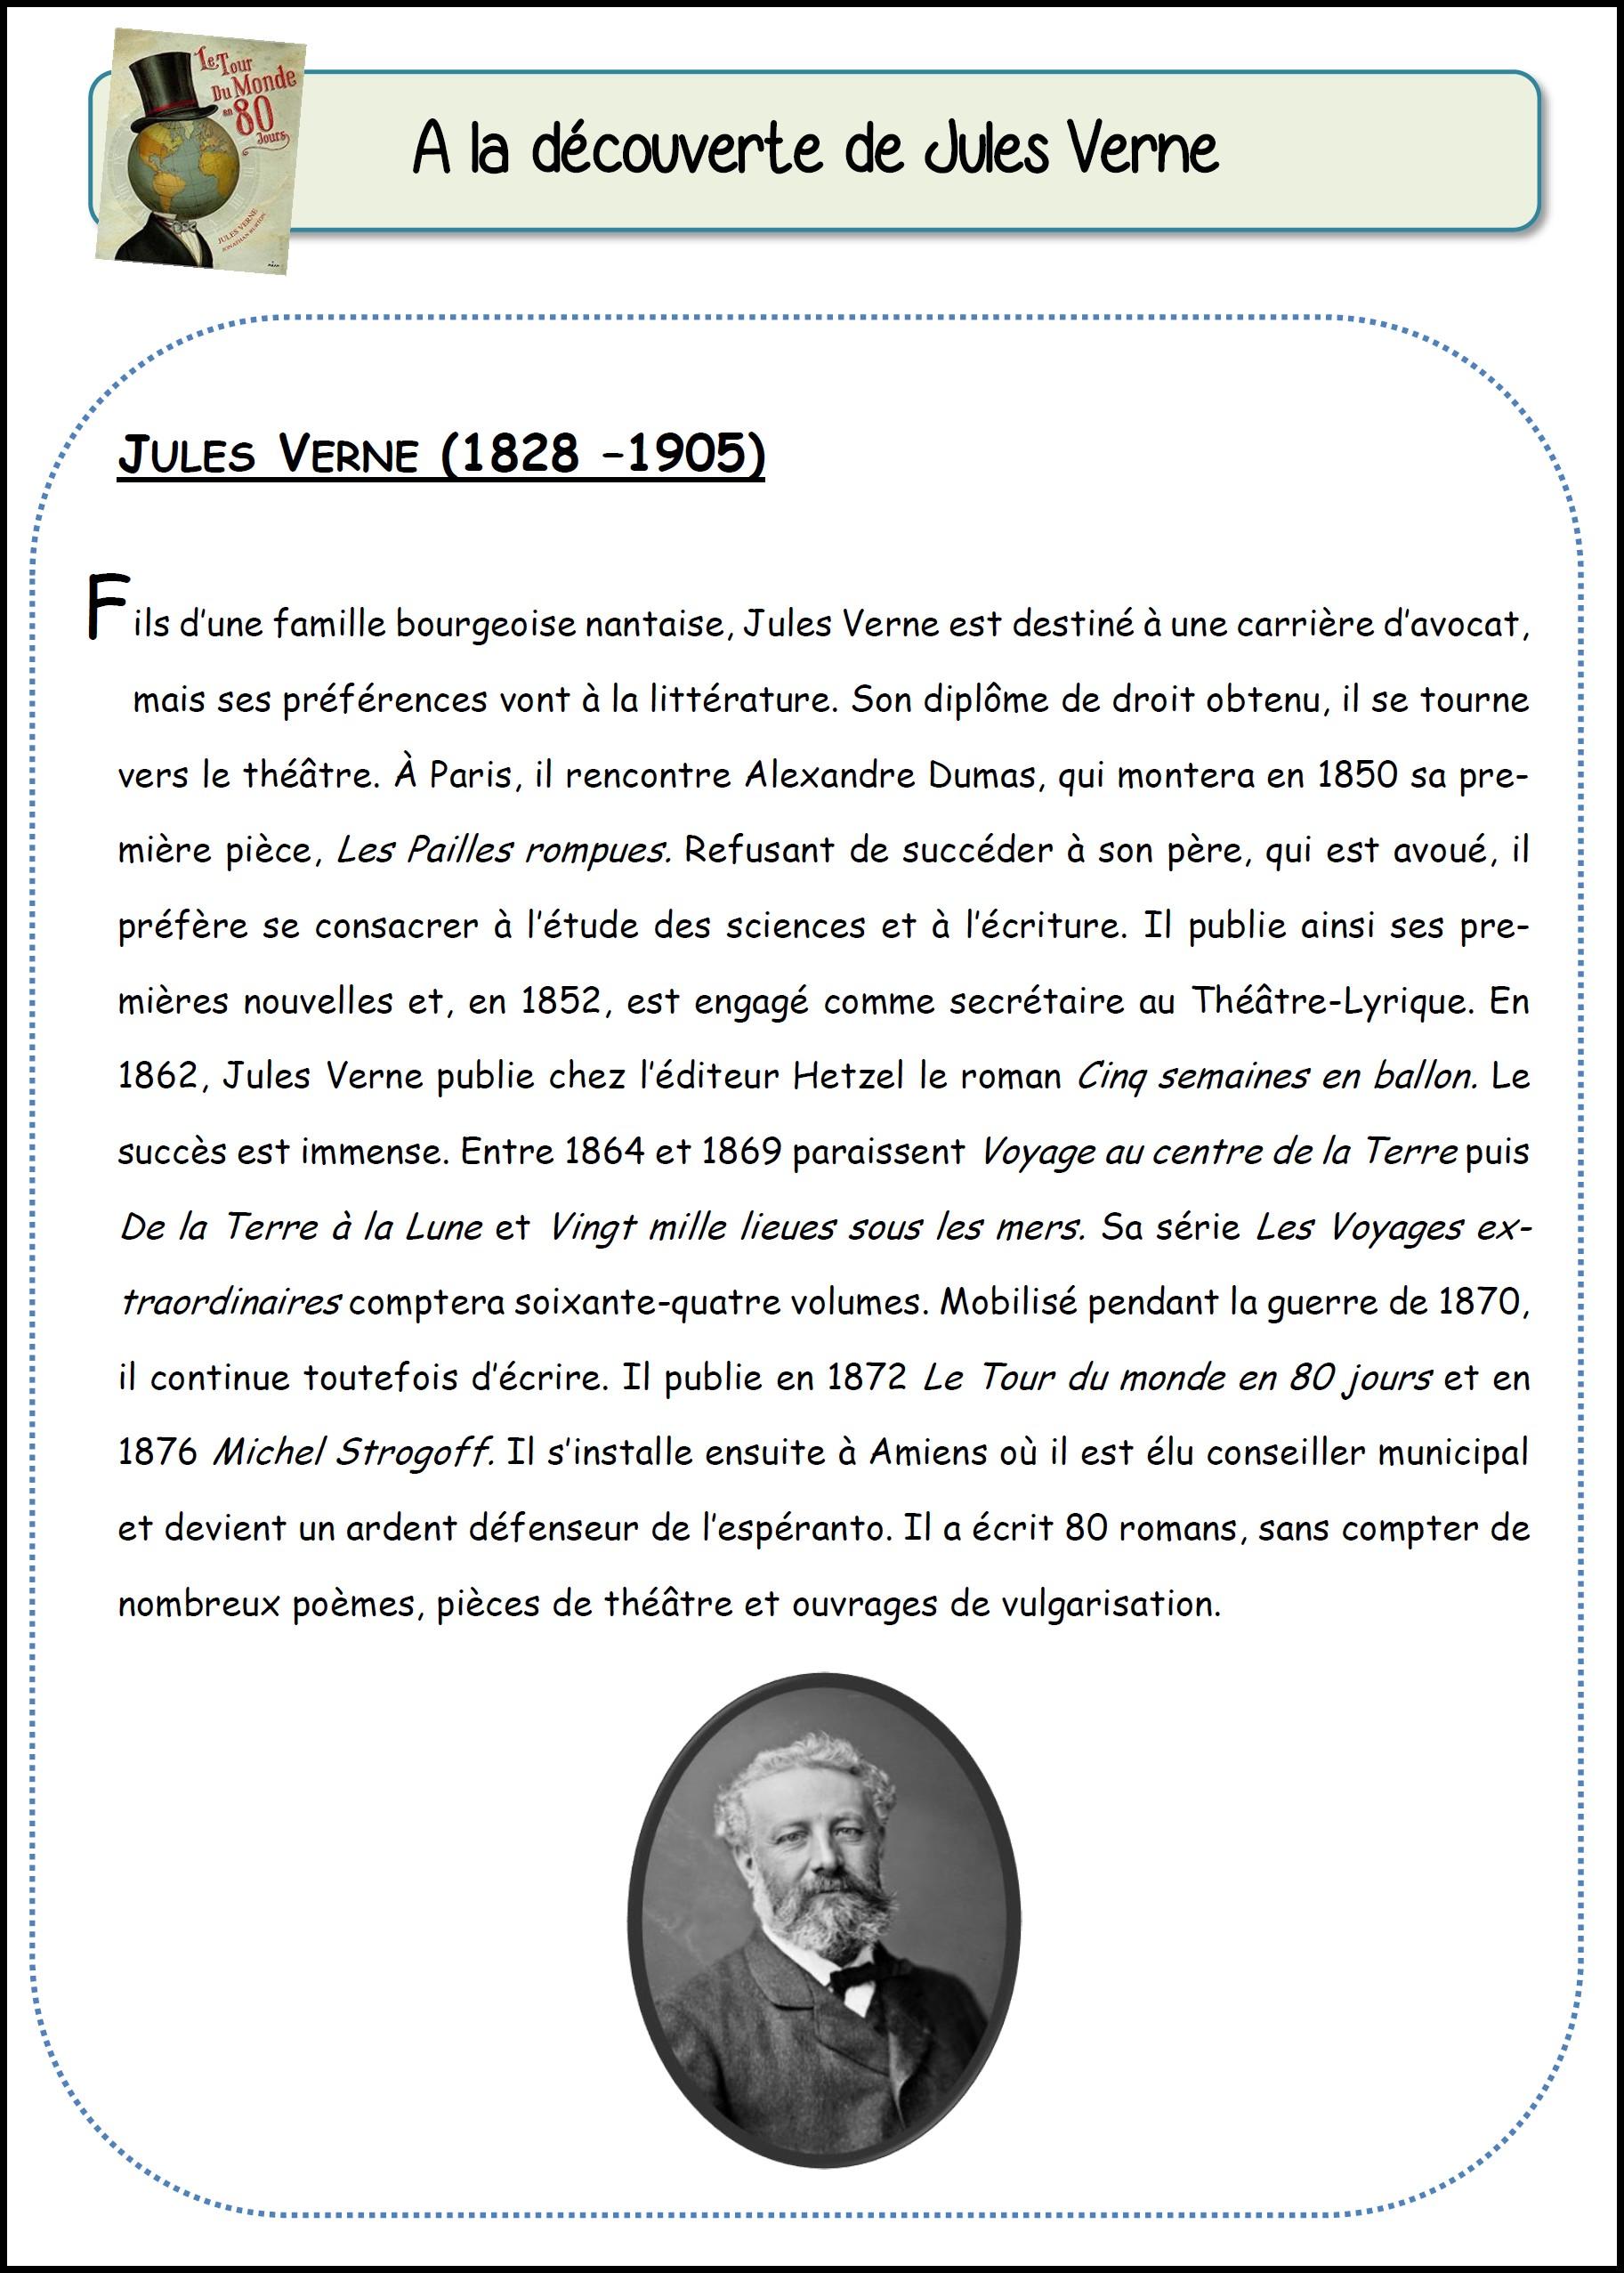 Jules Verne Le Tour Du Monde En 80 Jours Questionnaire : jules, verne, monde, jours, questionnaire, Monde, Jours, MimiClass